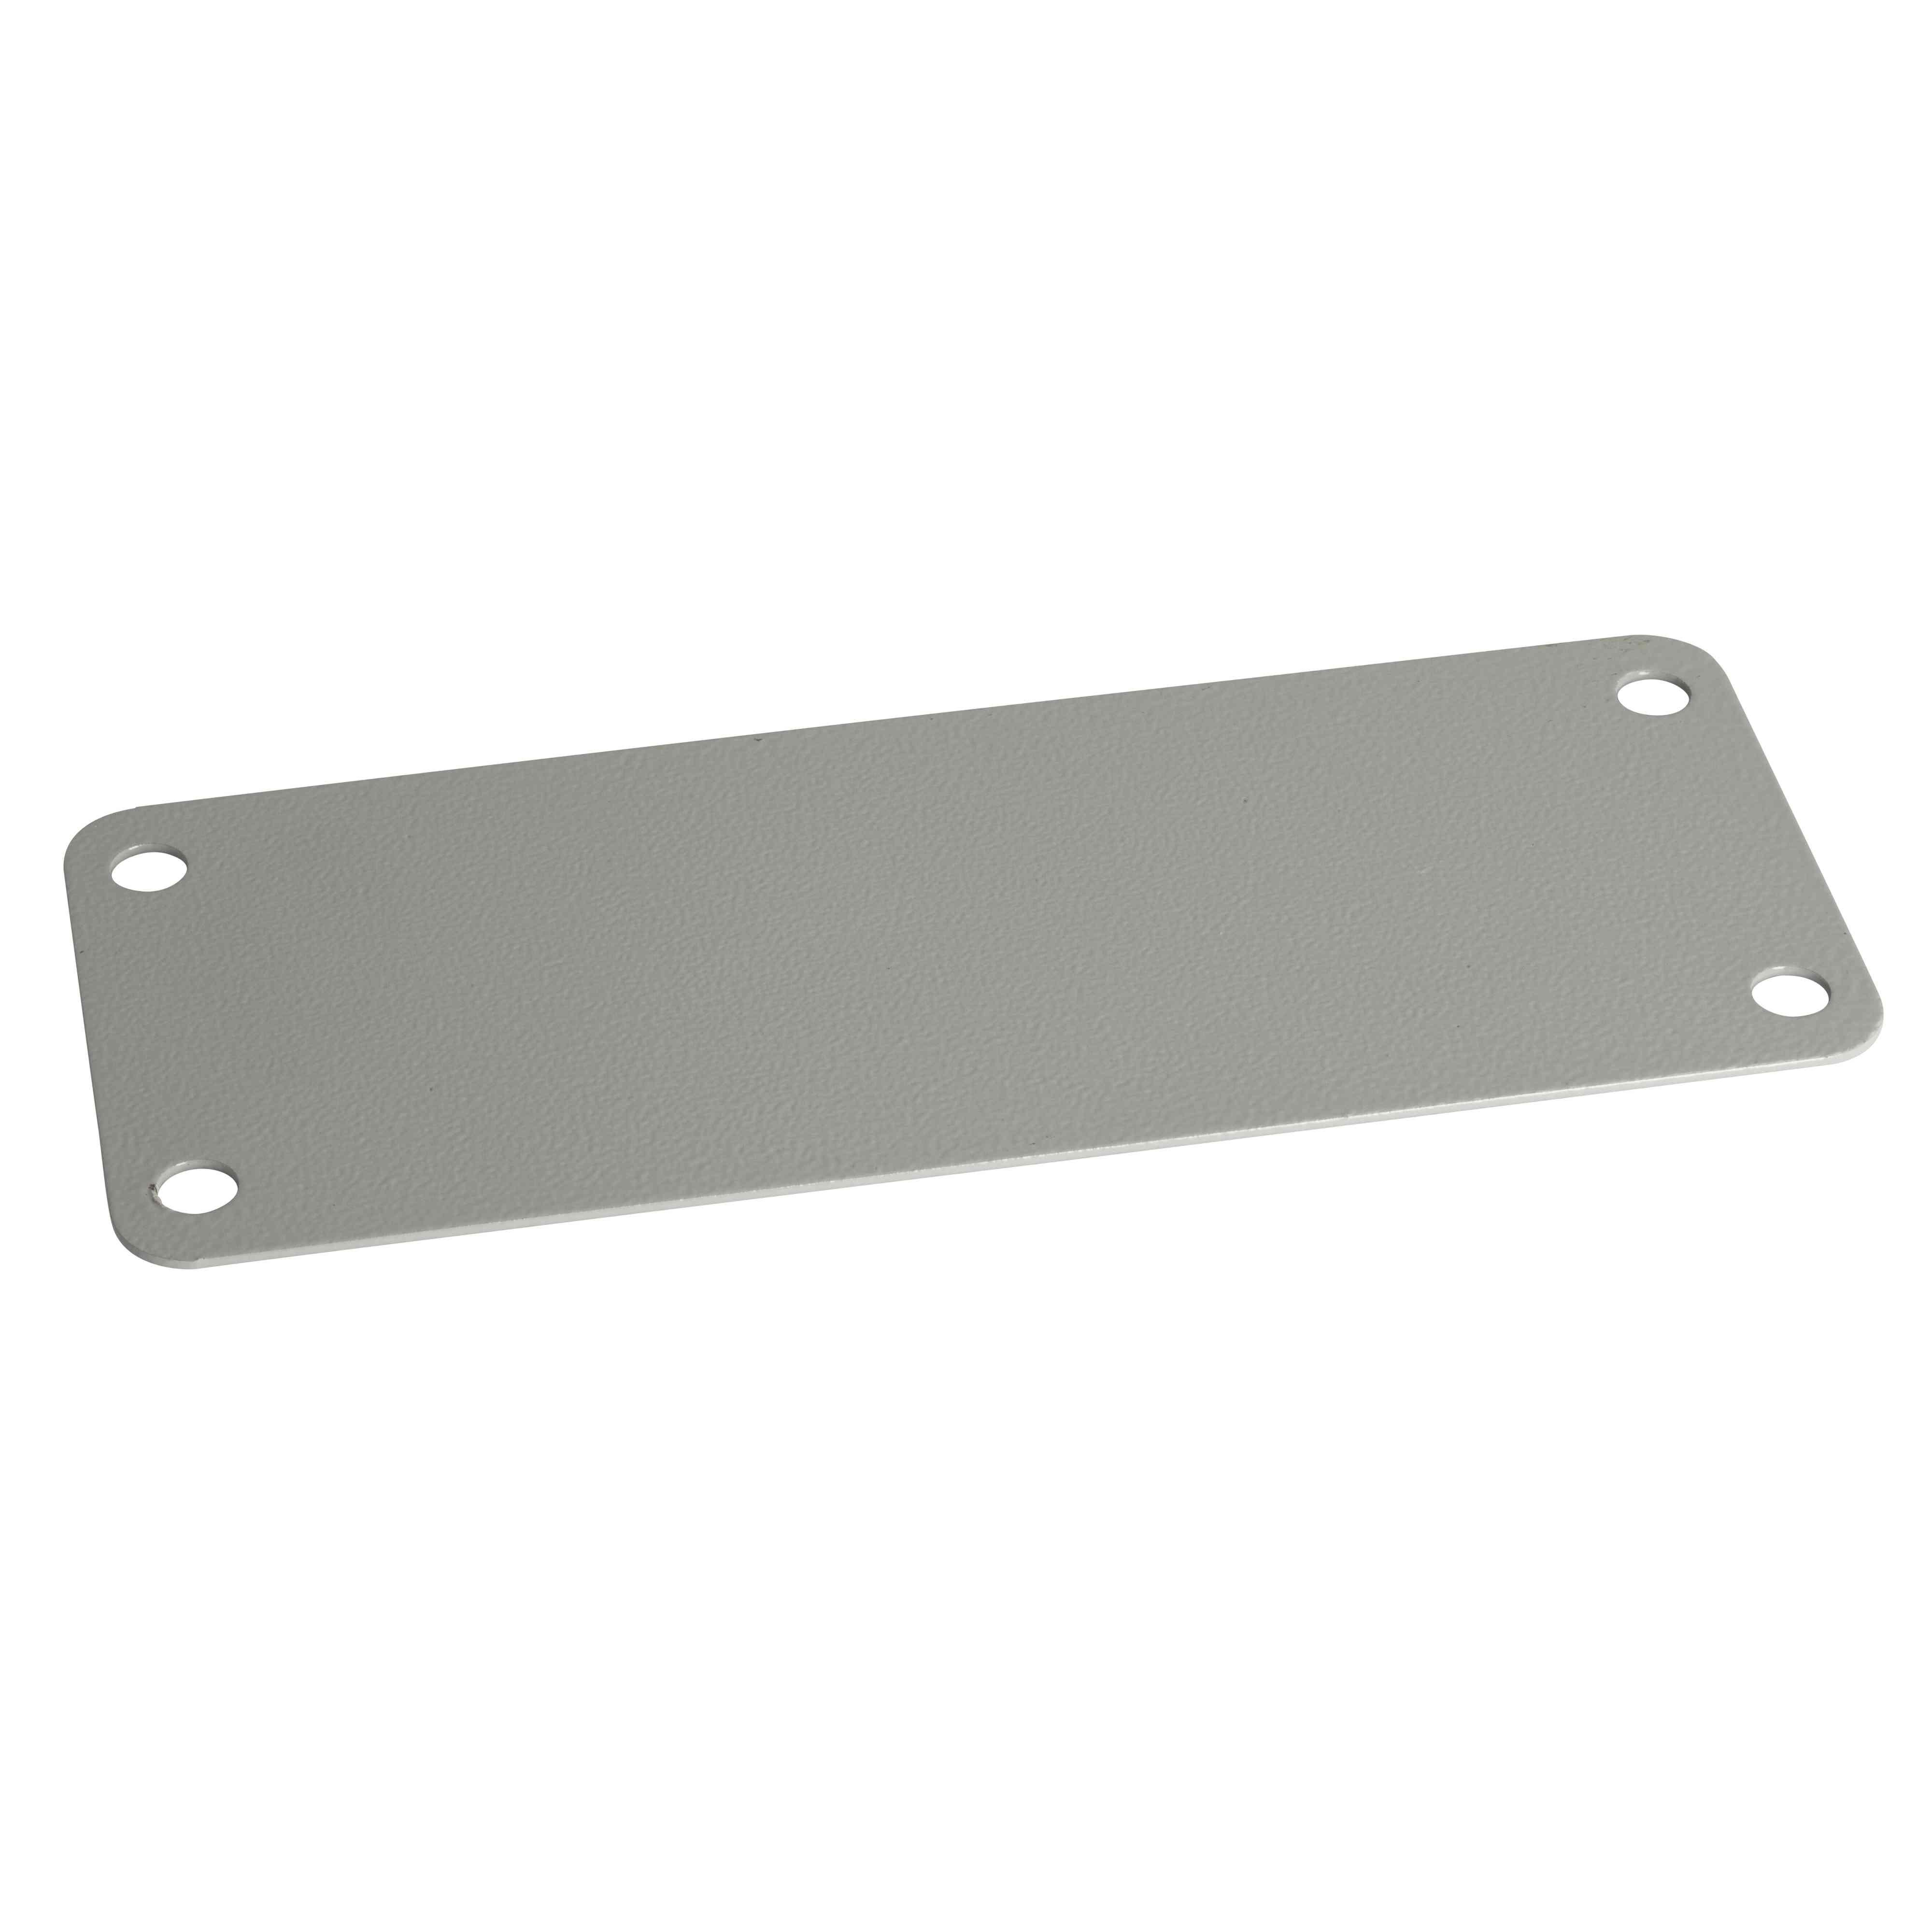 Pokrivna plošča za izrez FL21